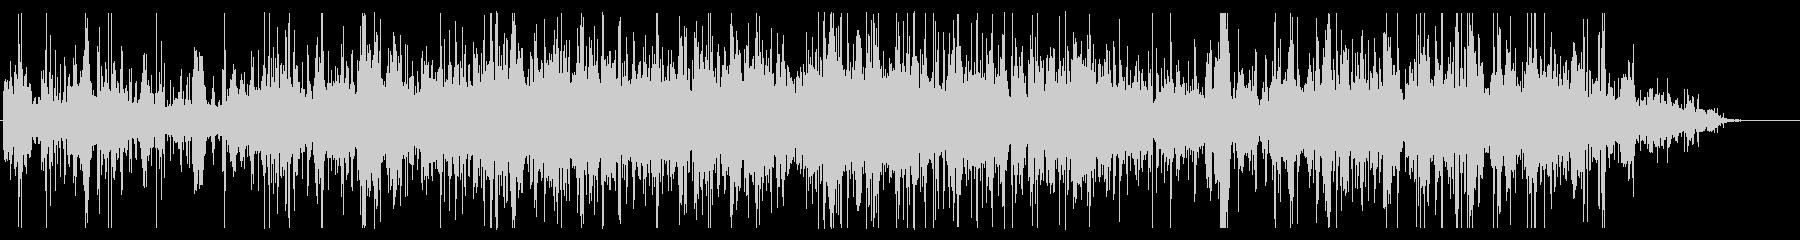 ホラー向けノイジーなうめき声の未再生の波形